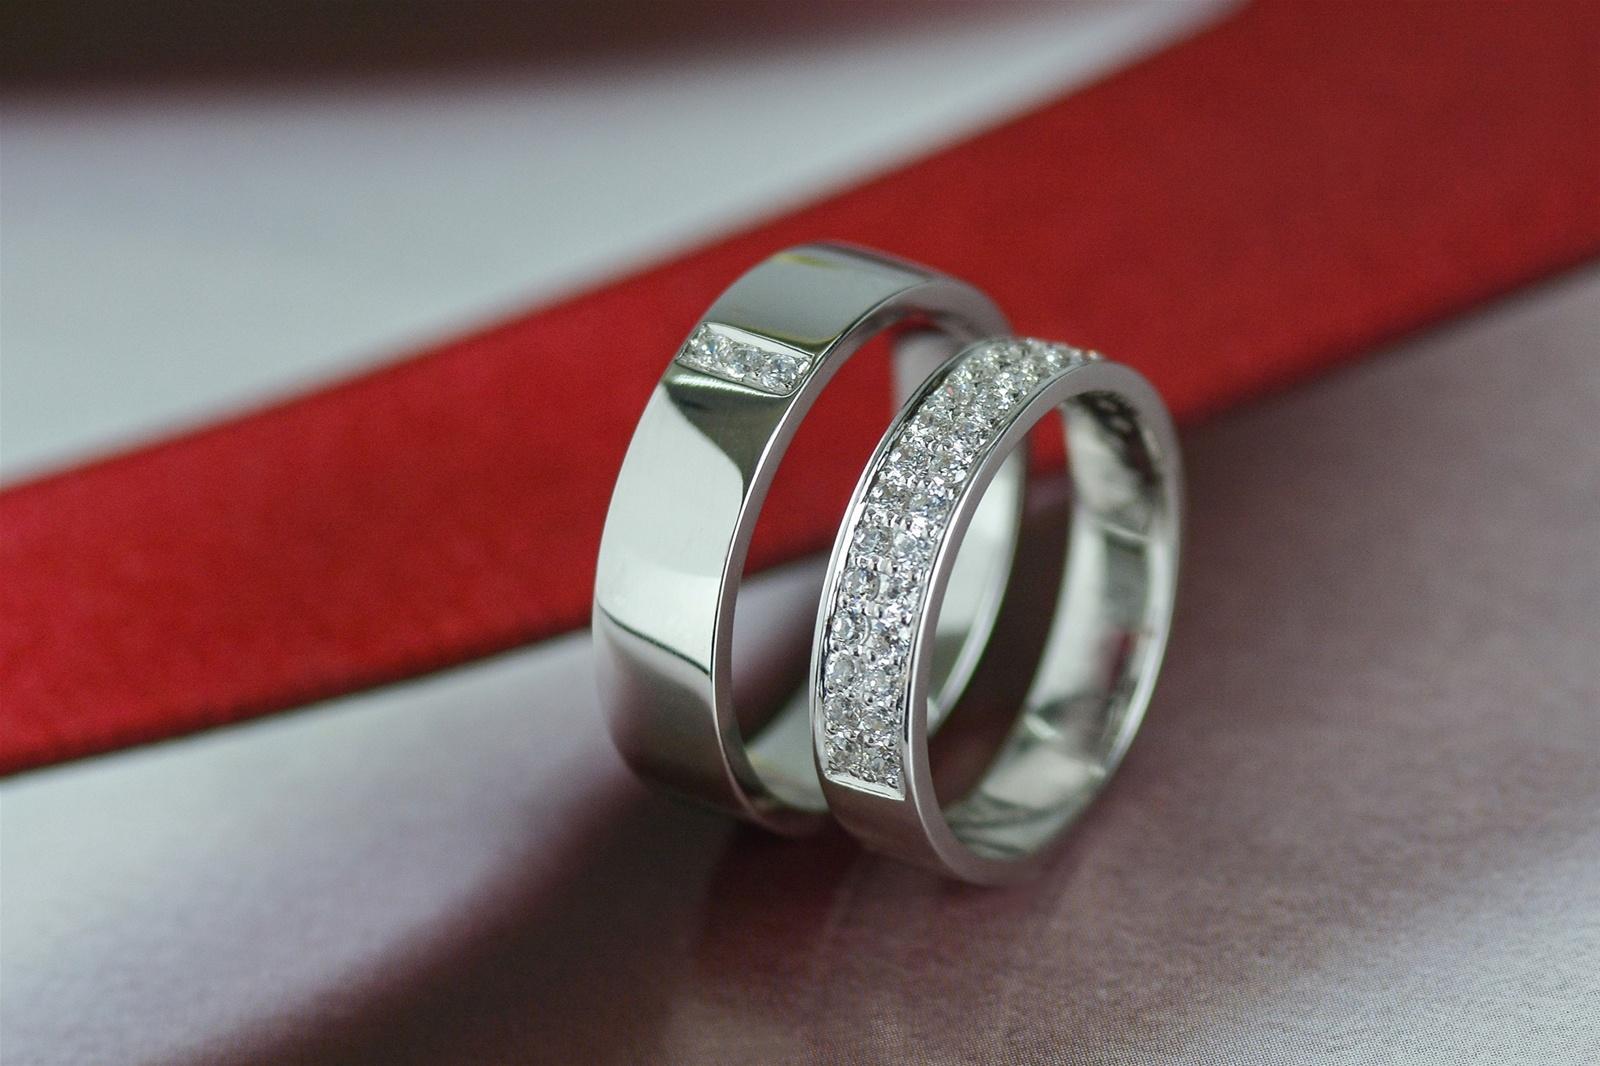 Ý nghĩa giá trị của nhẫn cưới hột xoàn đẹp